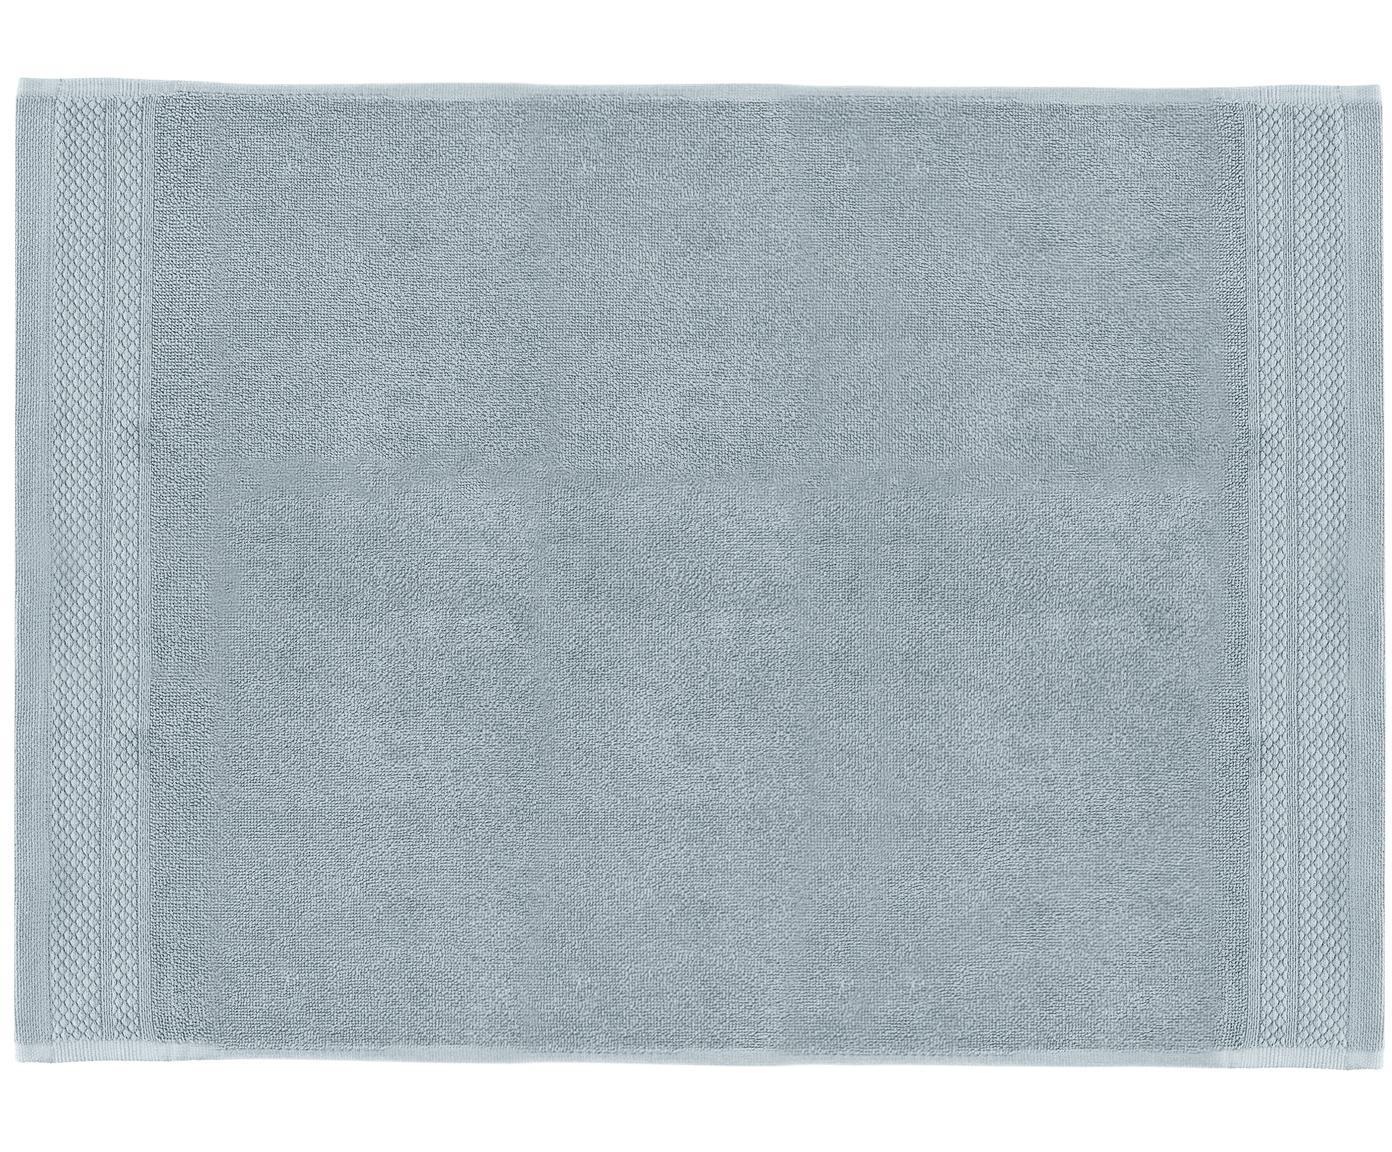 Tappeto bagno antiscivolo Premium, 100% cotone, qualità pesante 600g/m², Azzurro, Larg. 50 x Lung. 70 cm